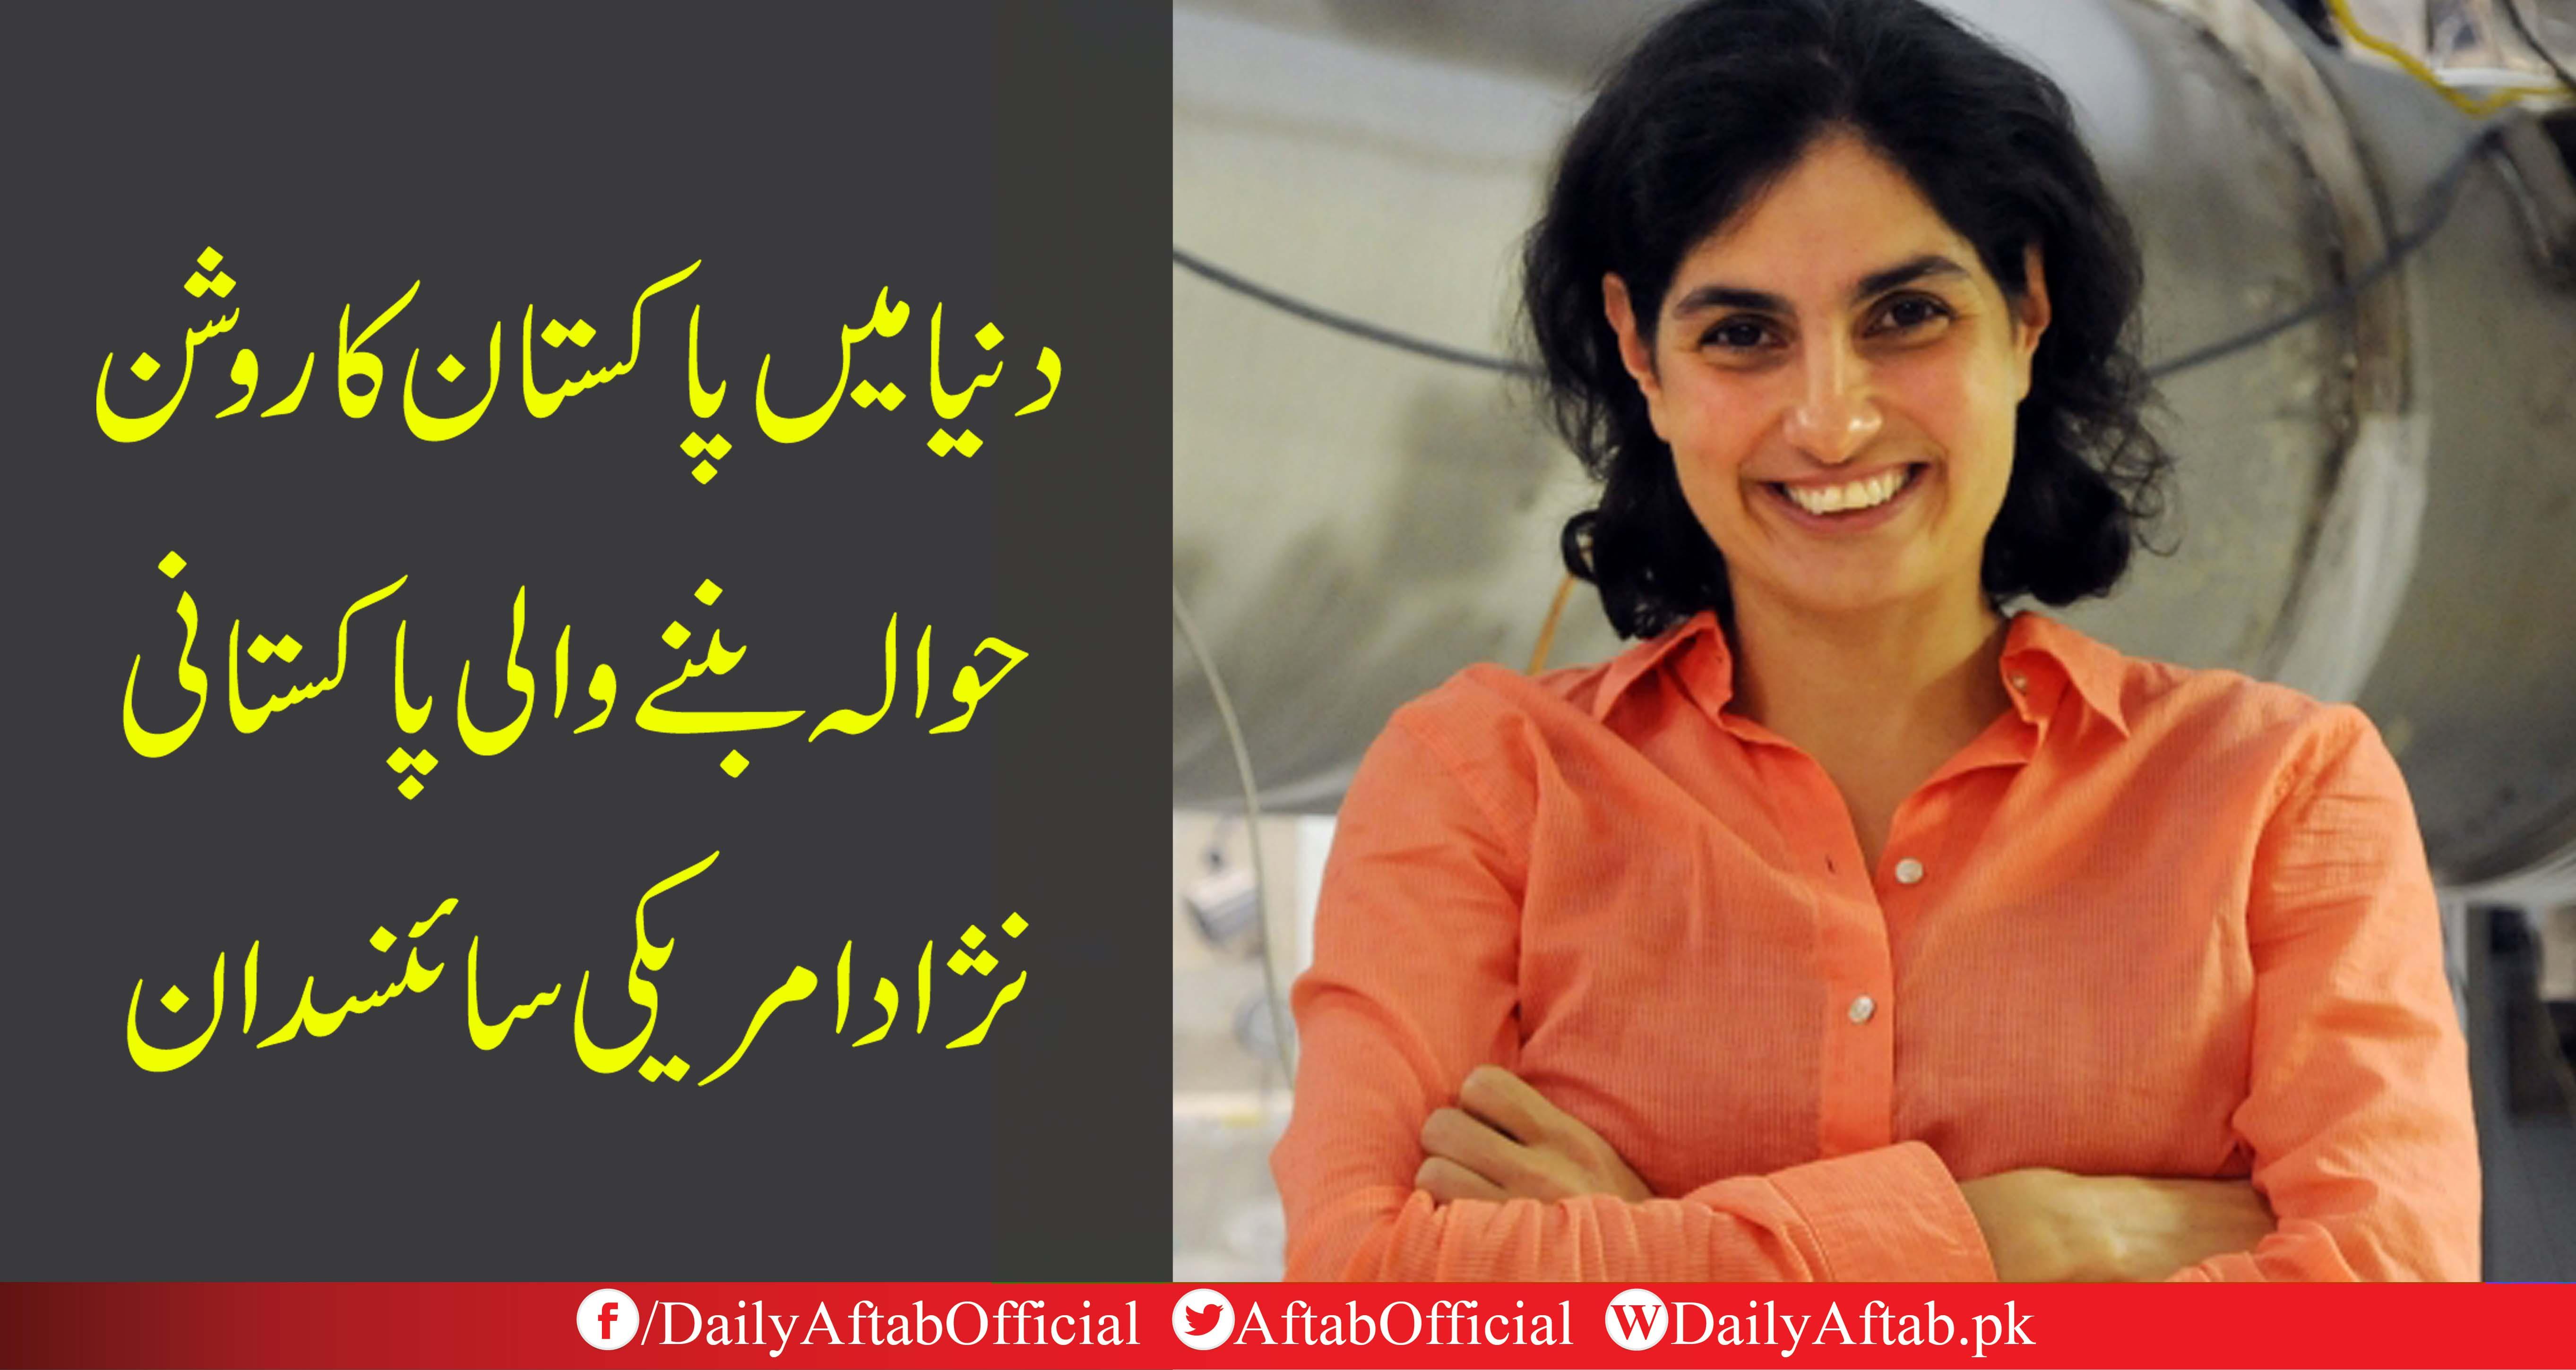 دنیا میں پاکستان کا روشن حوالہ بننے والی پاکستانی نژاد امریکی سائنسدان